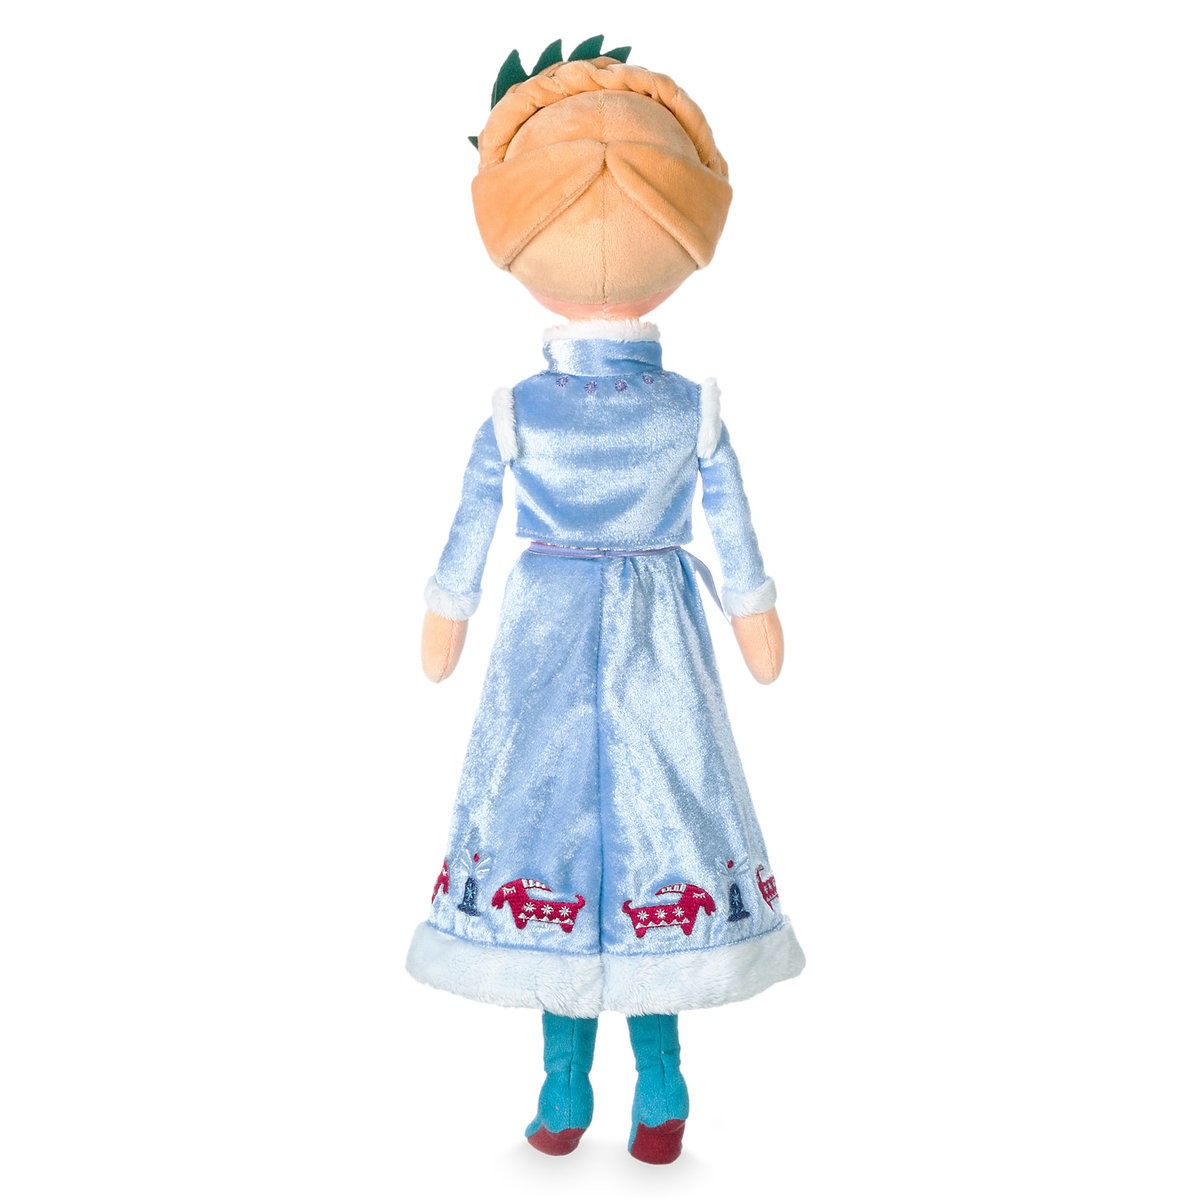 """Мягкая игрушка """"Анна"""" - """"Олаф и холодное приключение"""" - 48 см"""